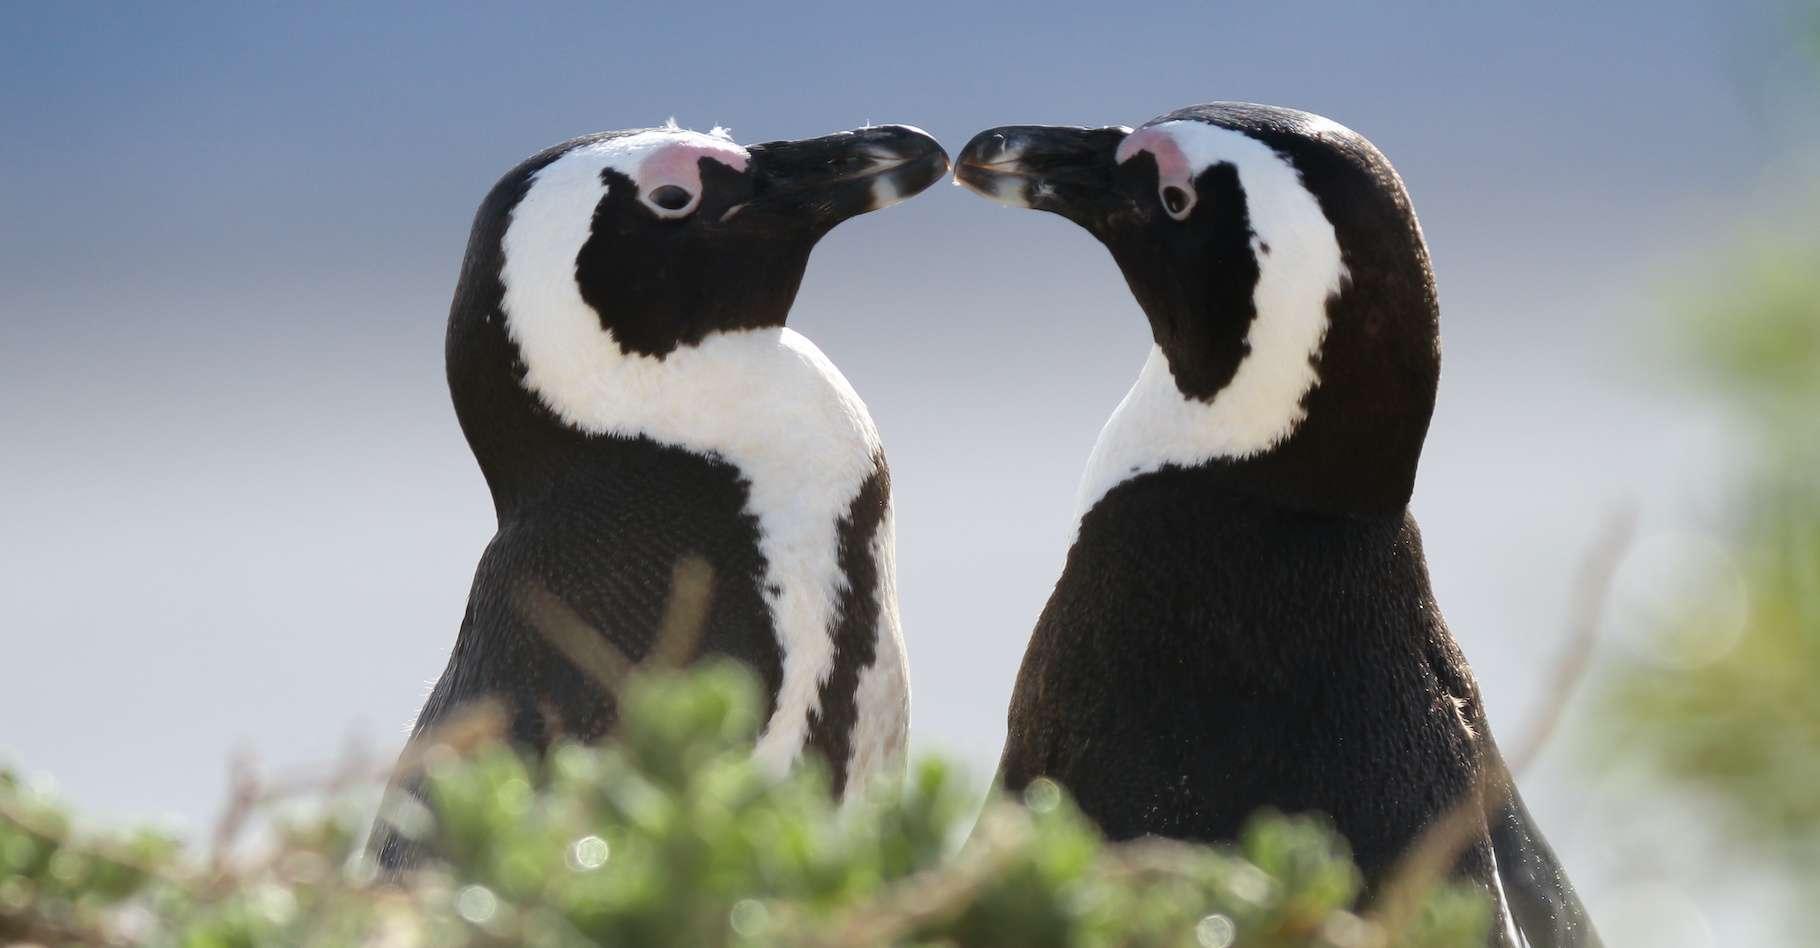 L'Union internationale pour la protection de la nature (UIPN) a classé le manchot du Cap en danger d'extinction en 2010. © Loïc Francois, Adobe Stock